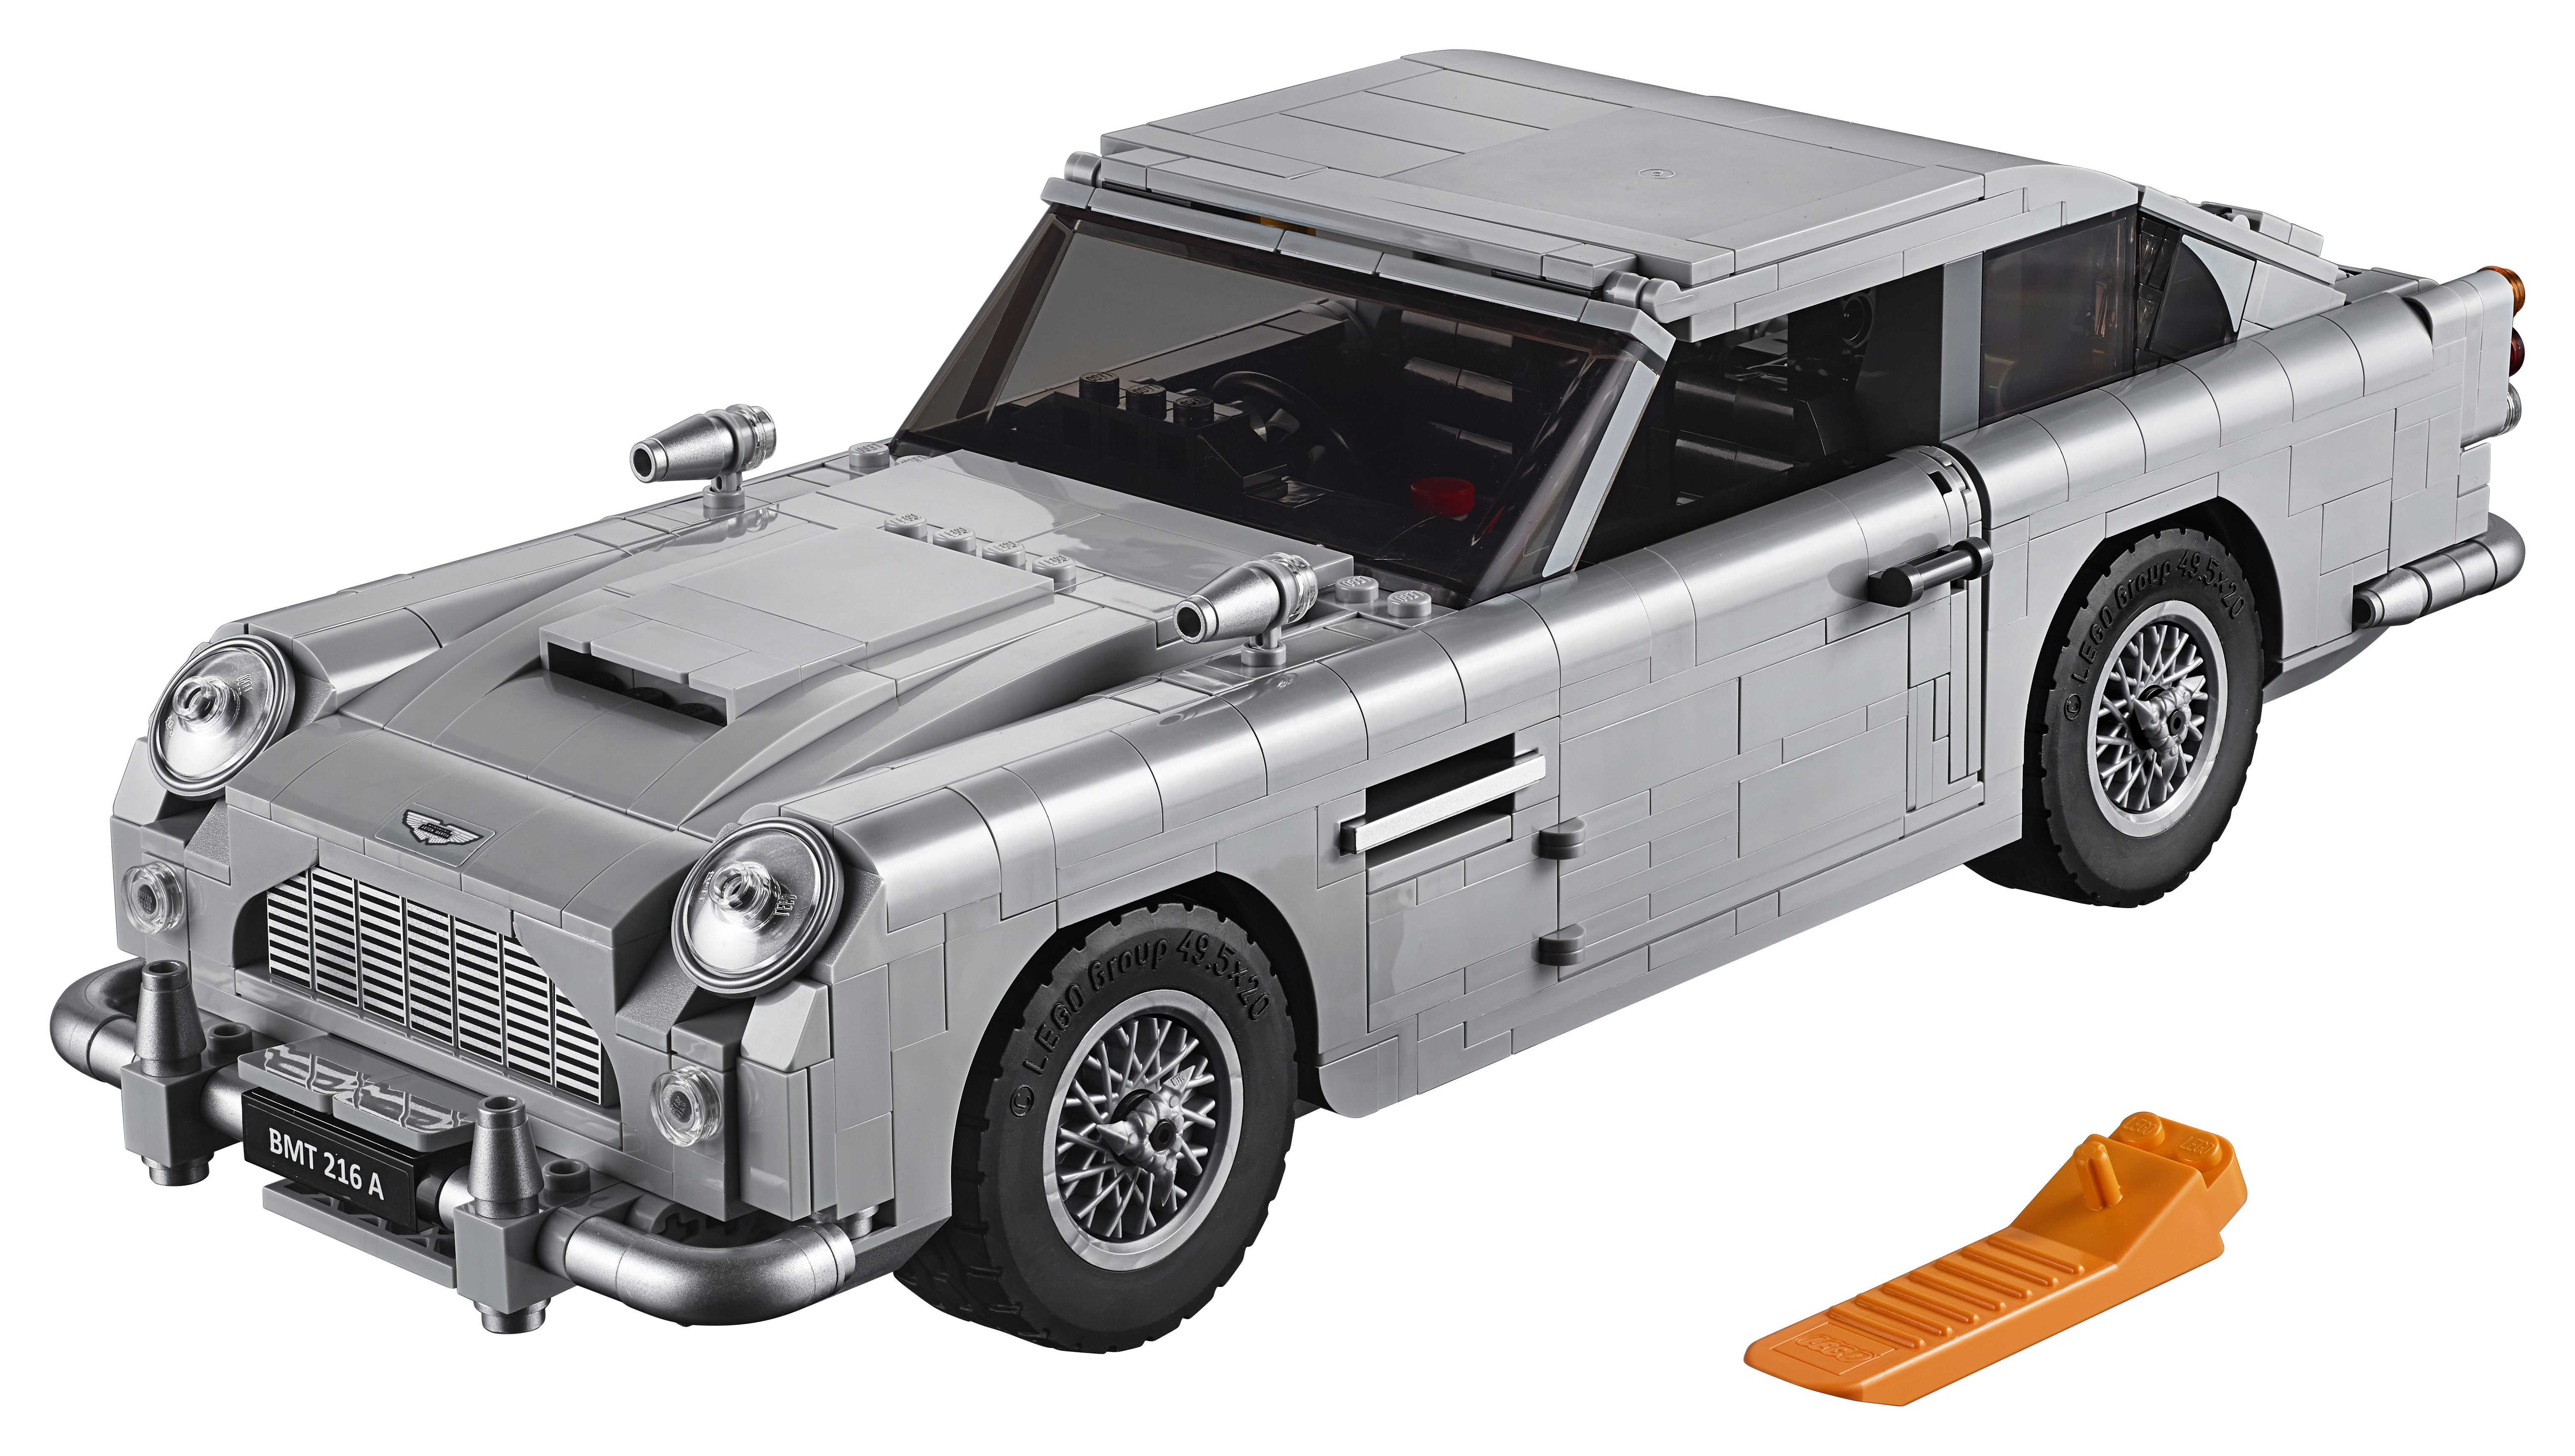 Brickina Com Lego Creator Expert 10262 James Bond Aston Martin Db5